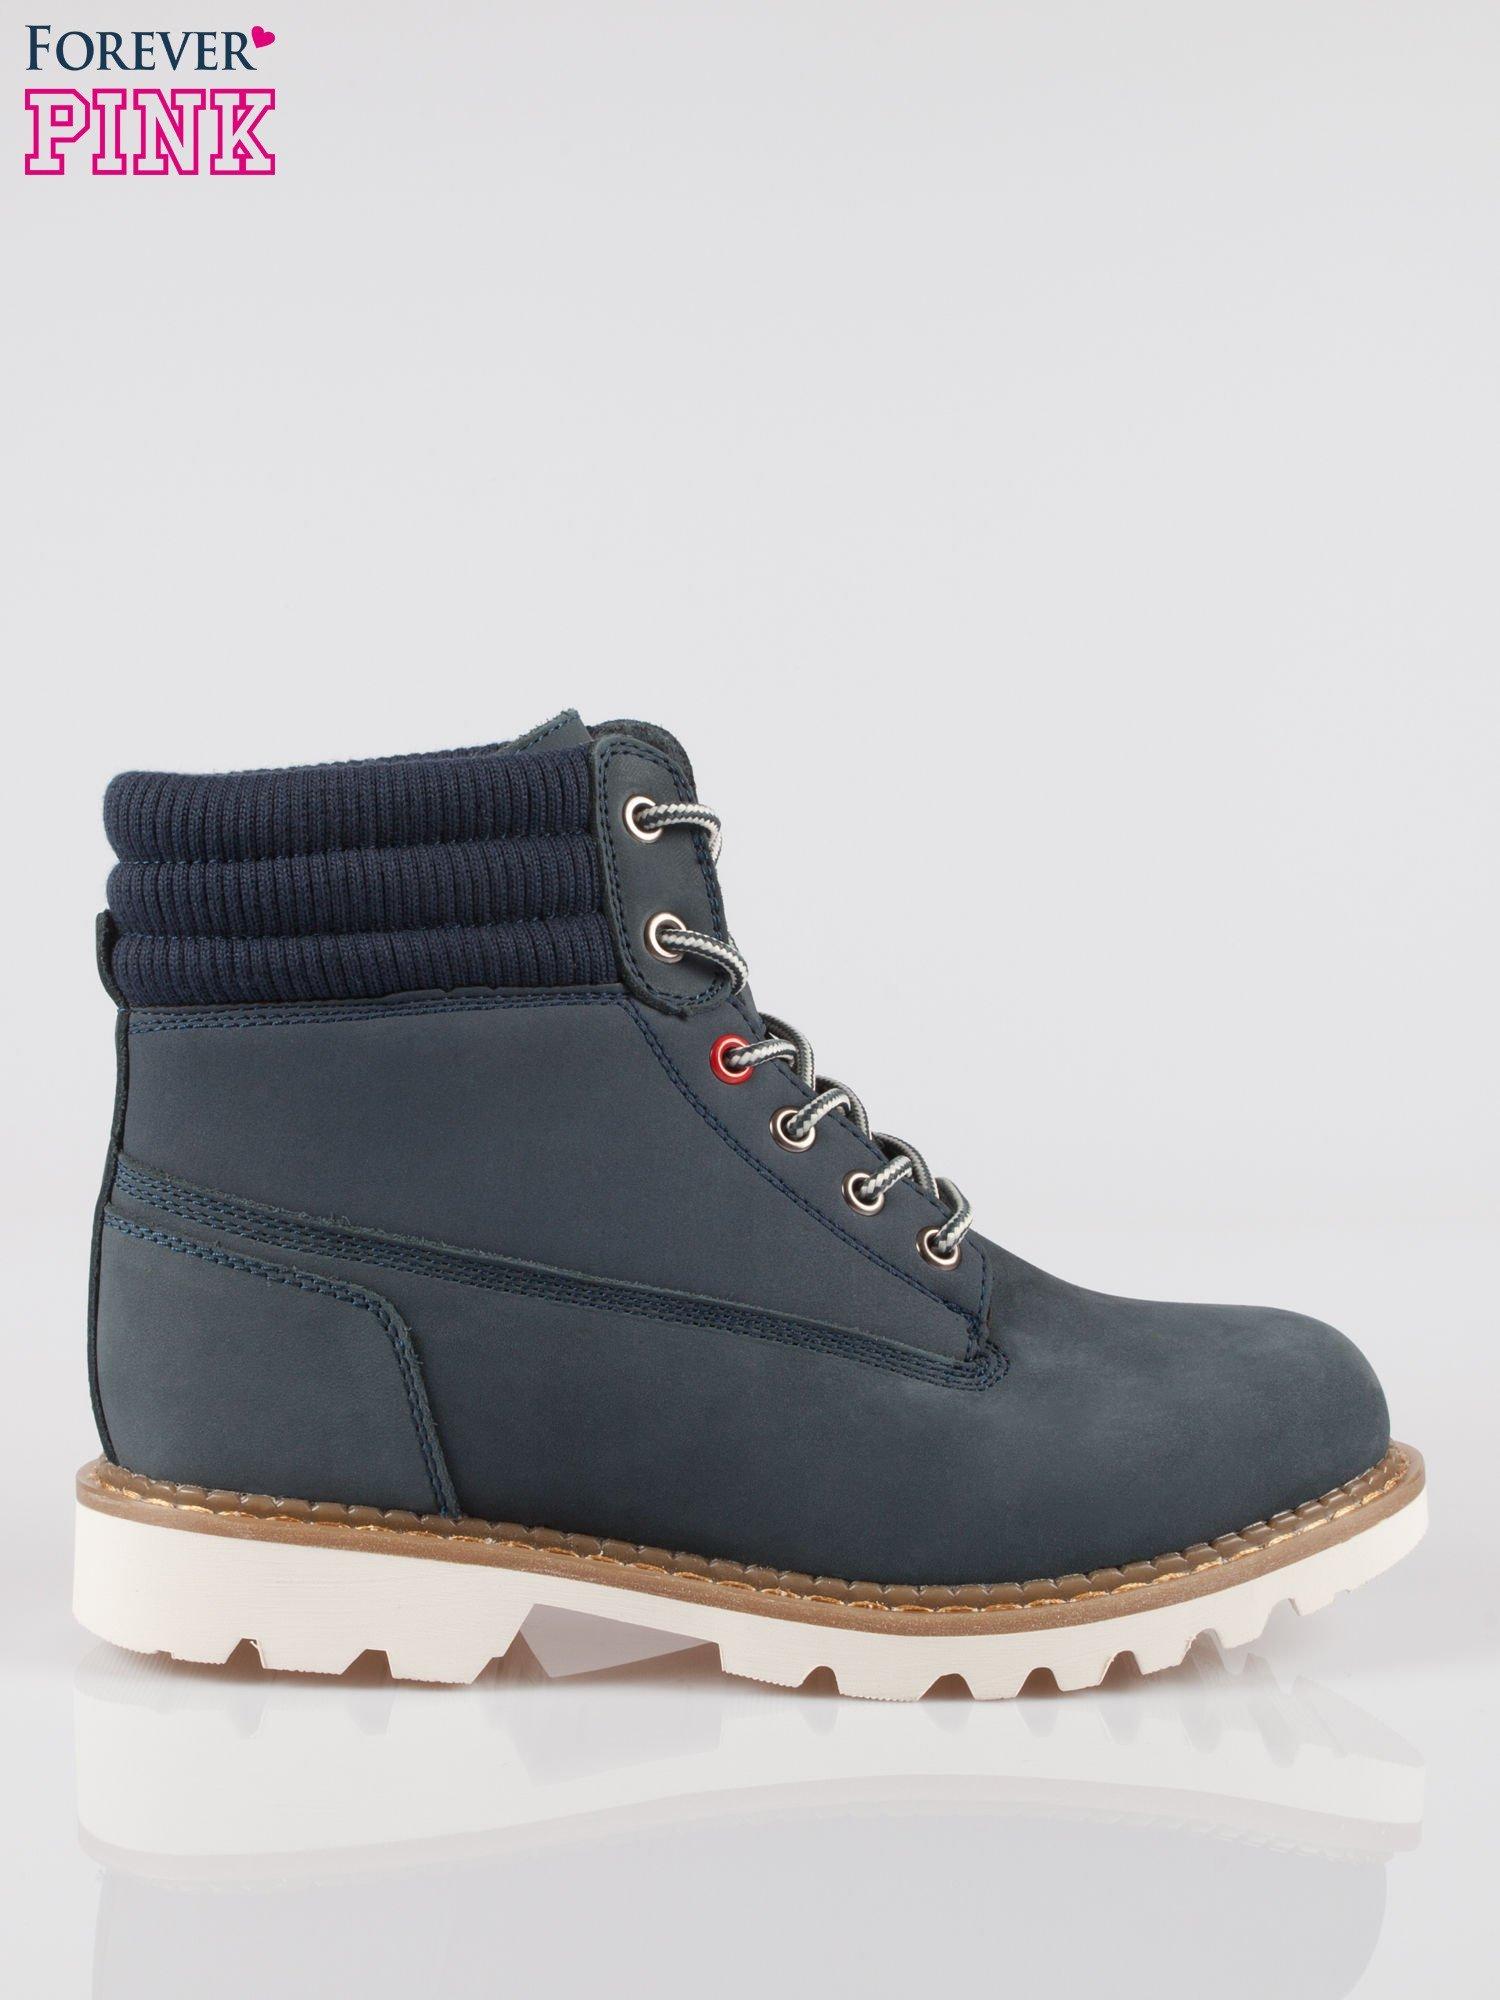 Granatowe buty trekkingowe traperki damskie z elastycznym kołnierzem ze skóry naturalnej                                  zdj.                                  1